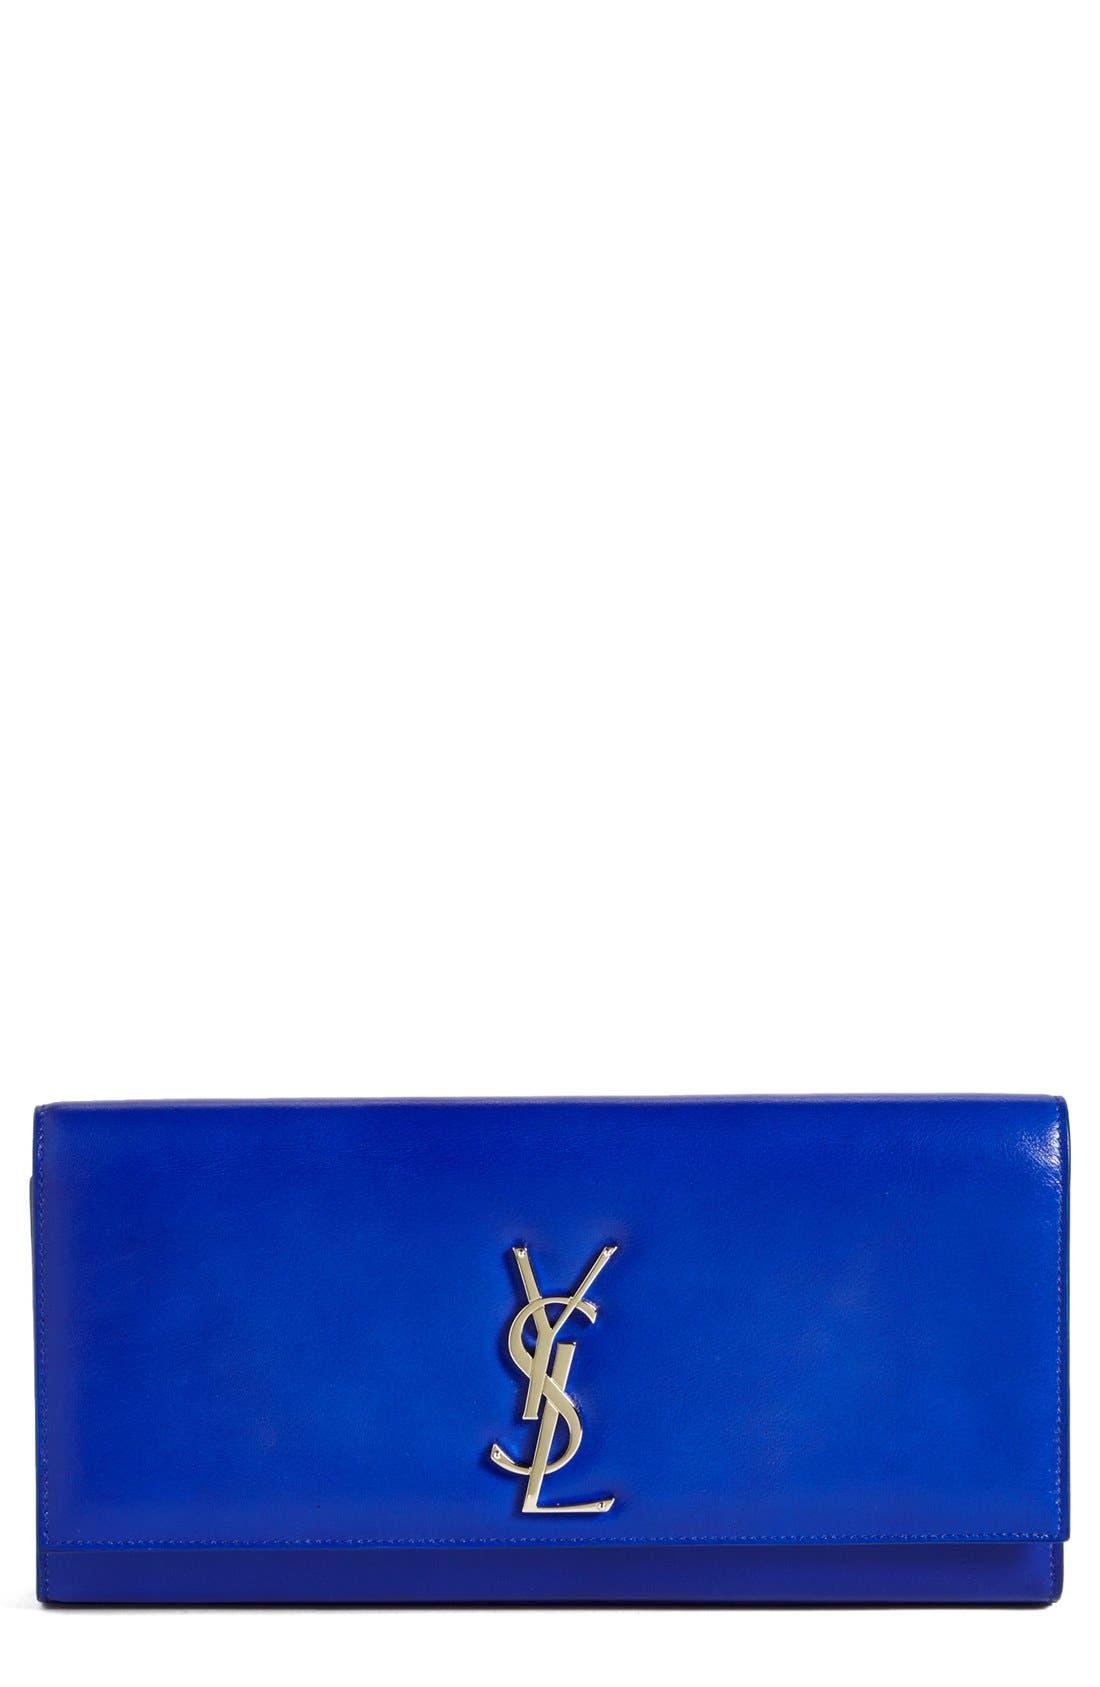 Main Image - Saint Laurent 'Cassandre' Leather Clutch